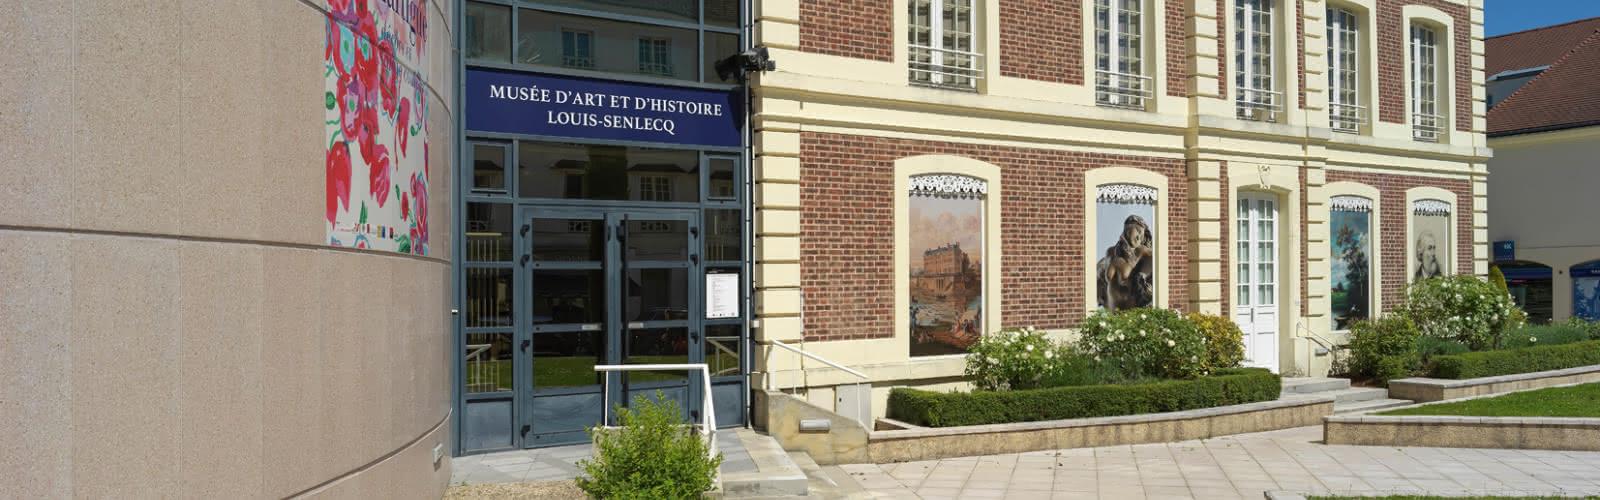 Entrée du Musée Louis Senlecq